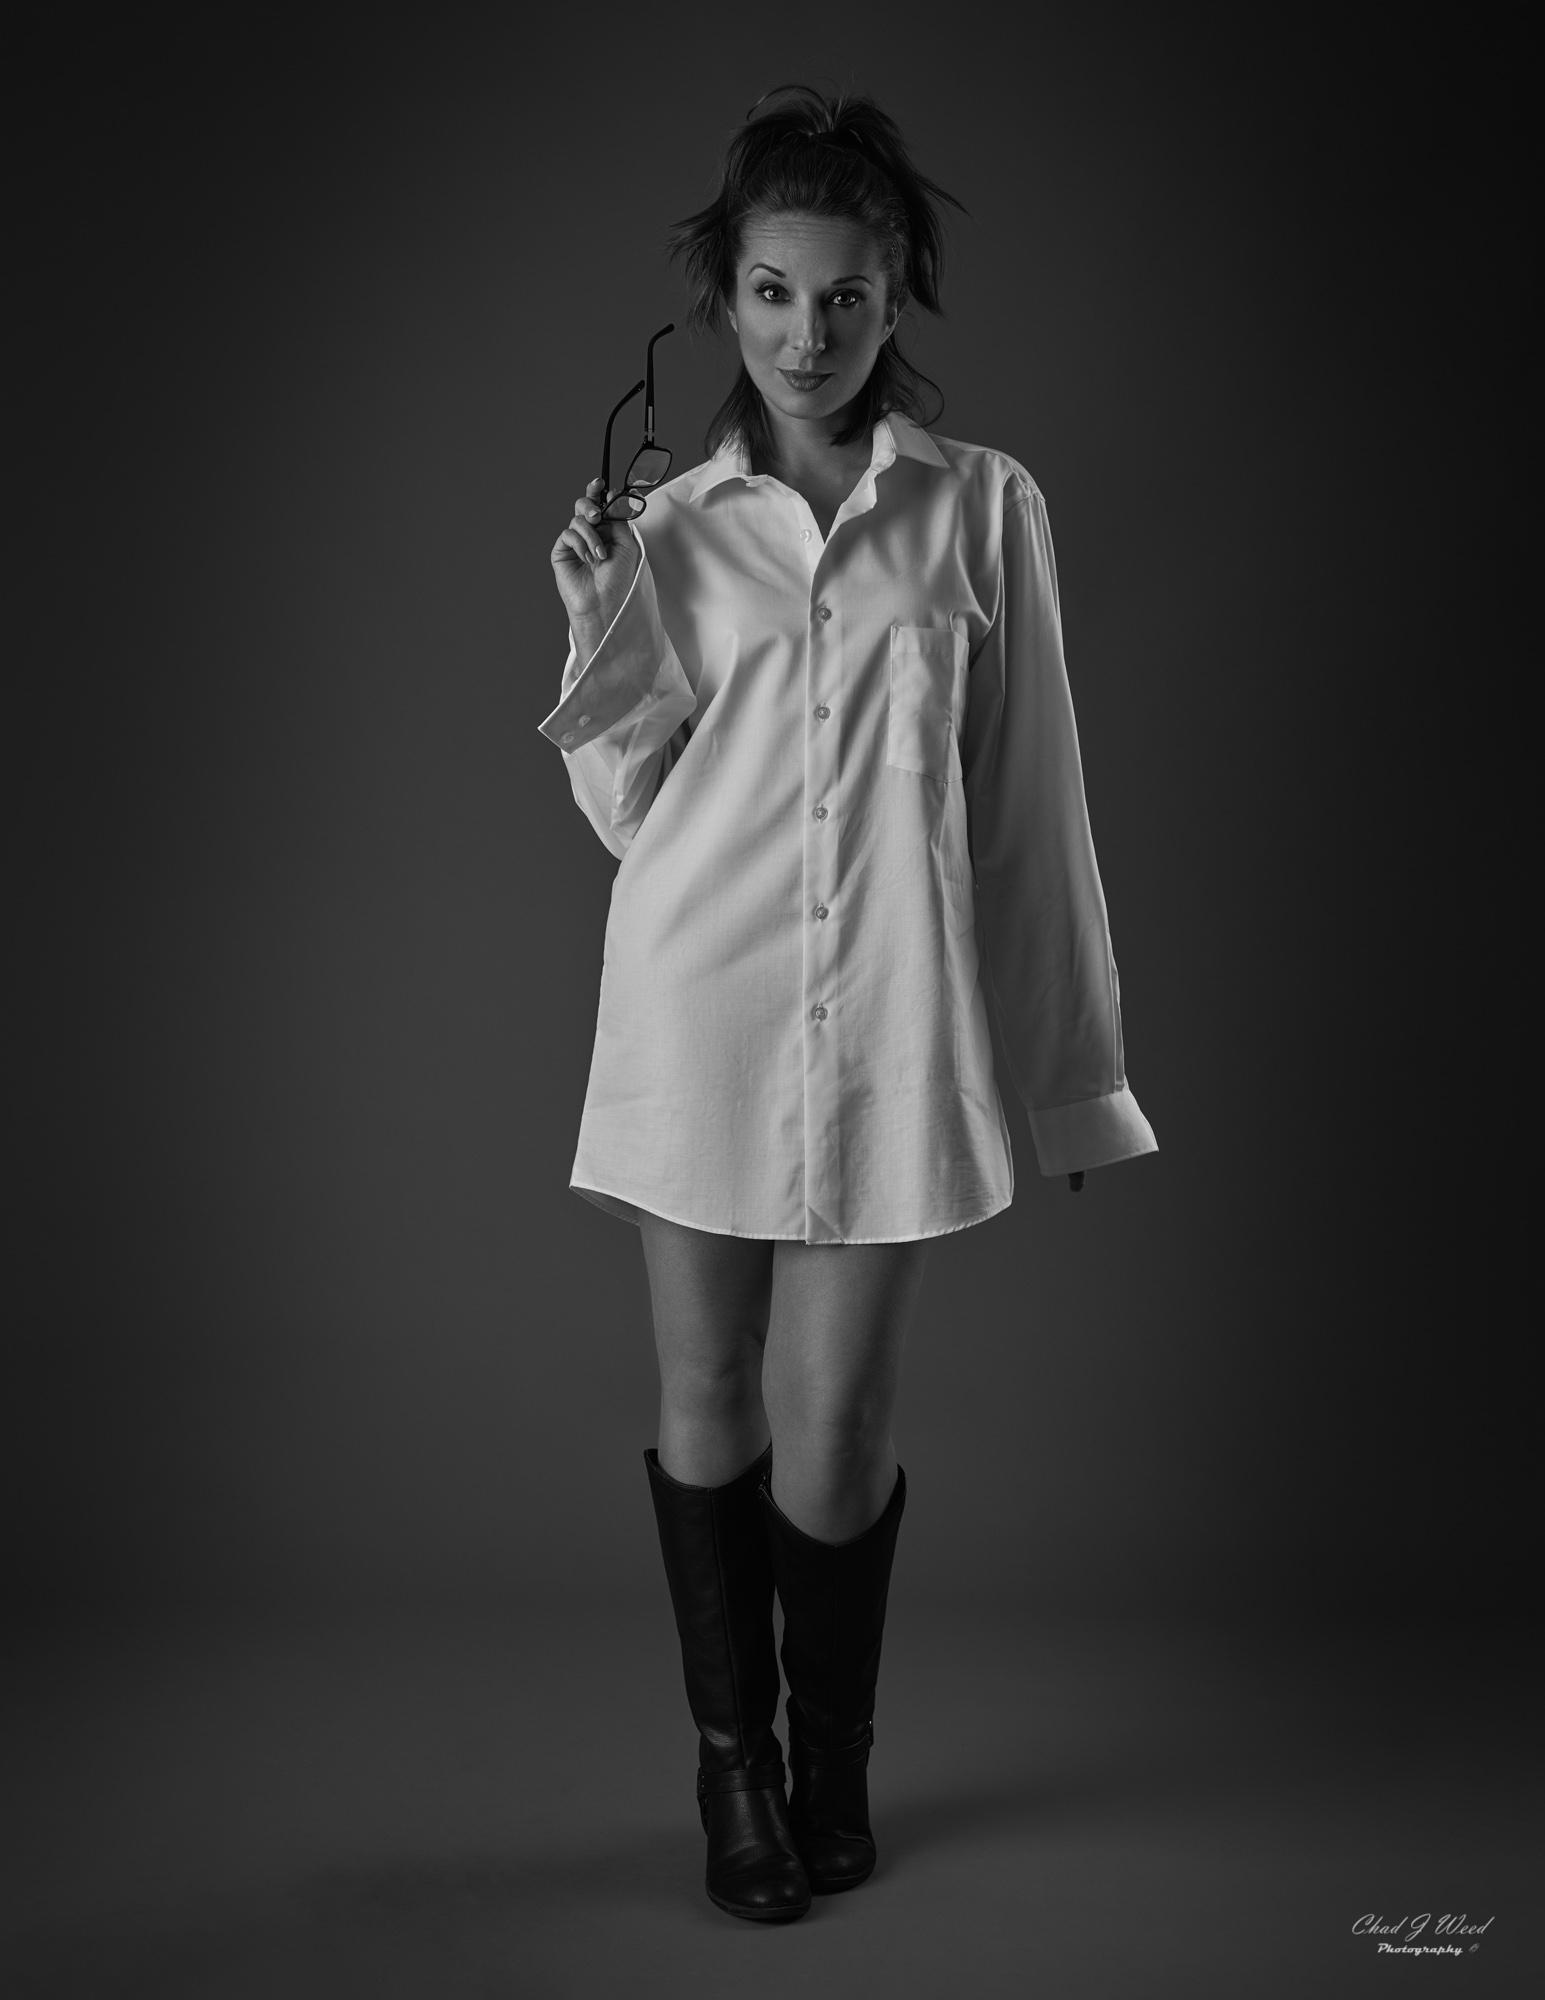 Fashion Model Kika by Mesa Arizona Fashion Portrait Photographer Chad Weed